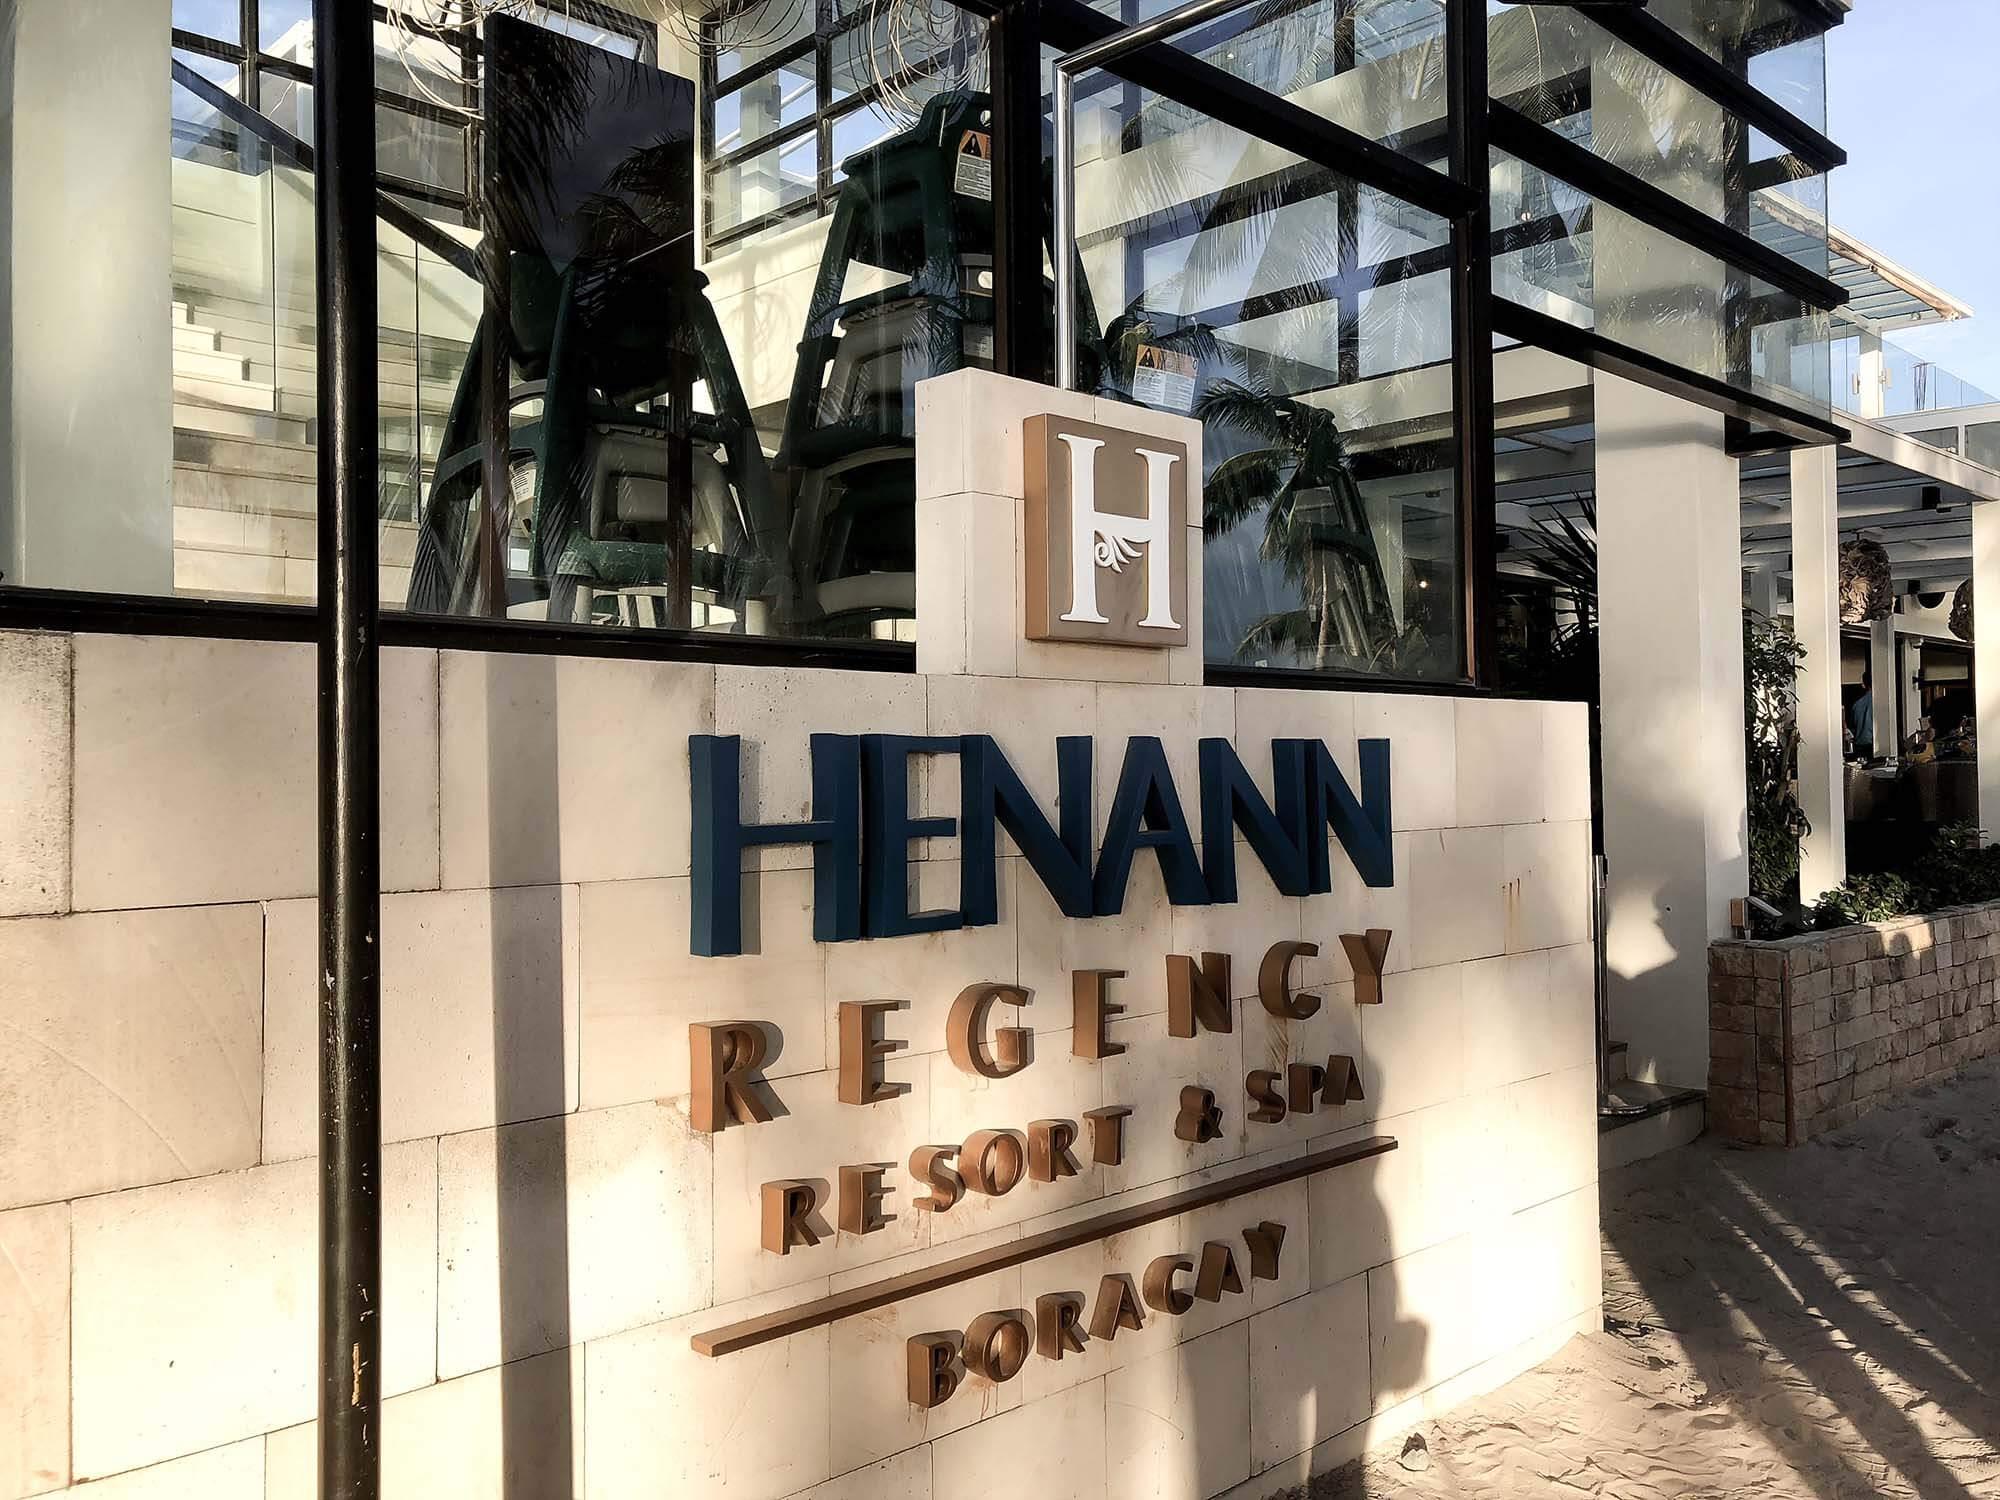 Henann Regency buffet外觀